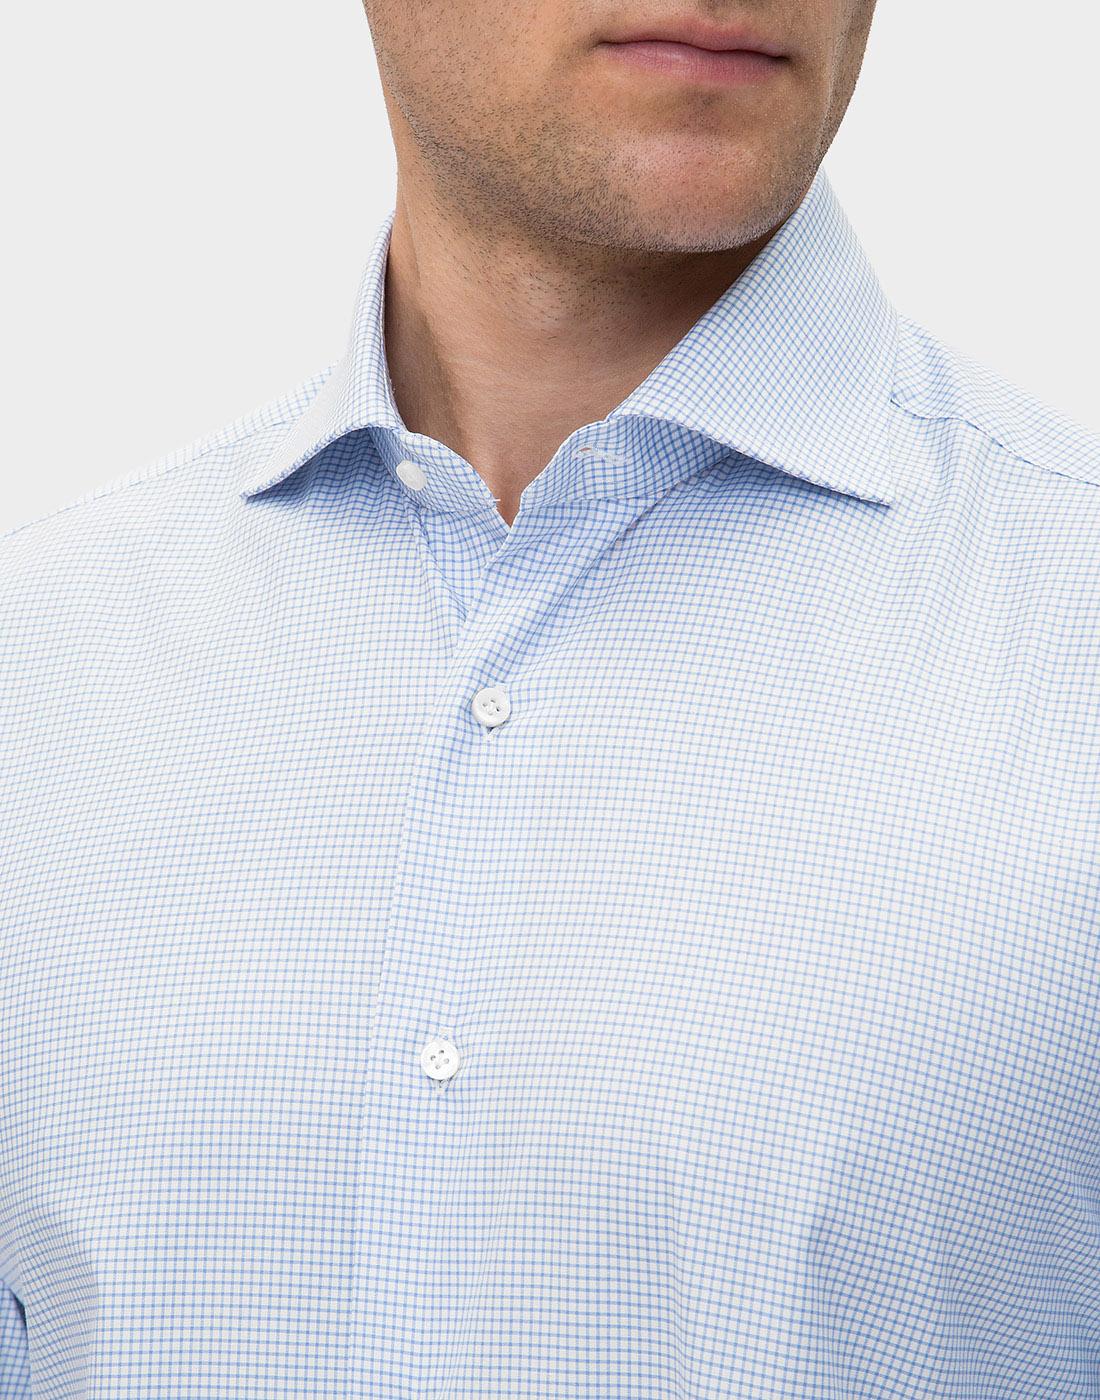 Мужская голубая рубашка в клетку Barba SD4U132593804U-6